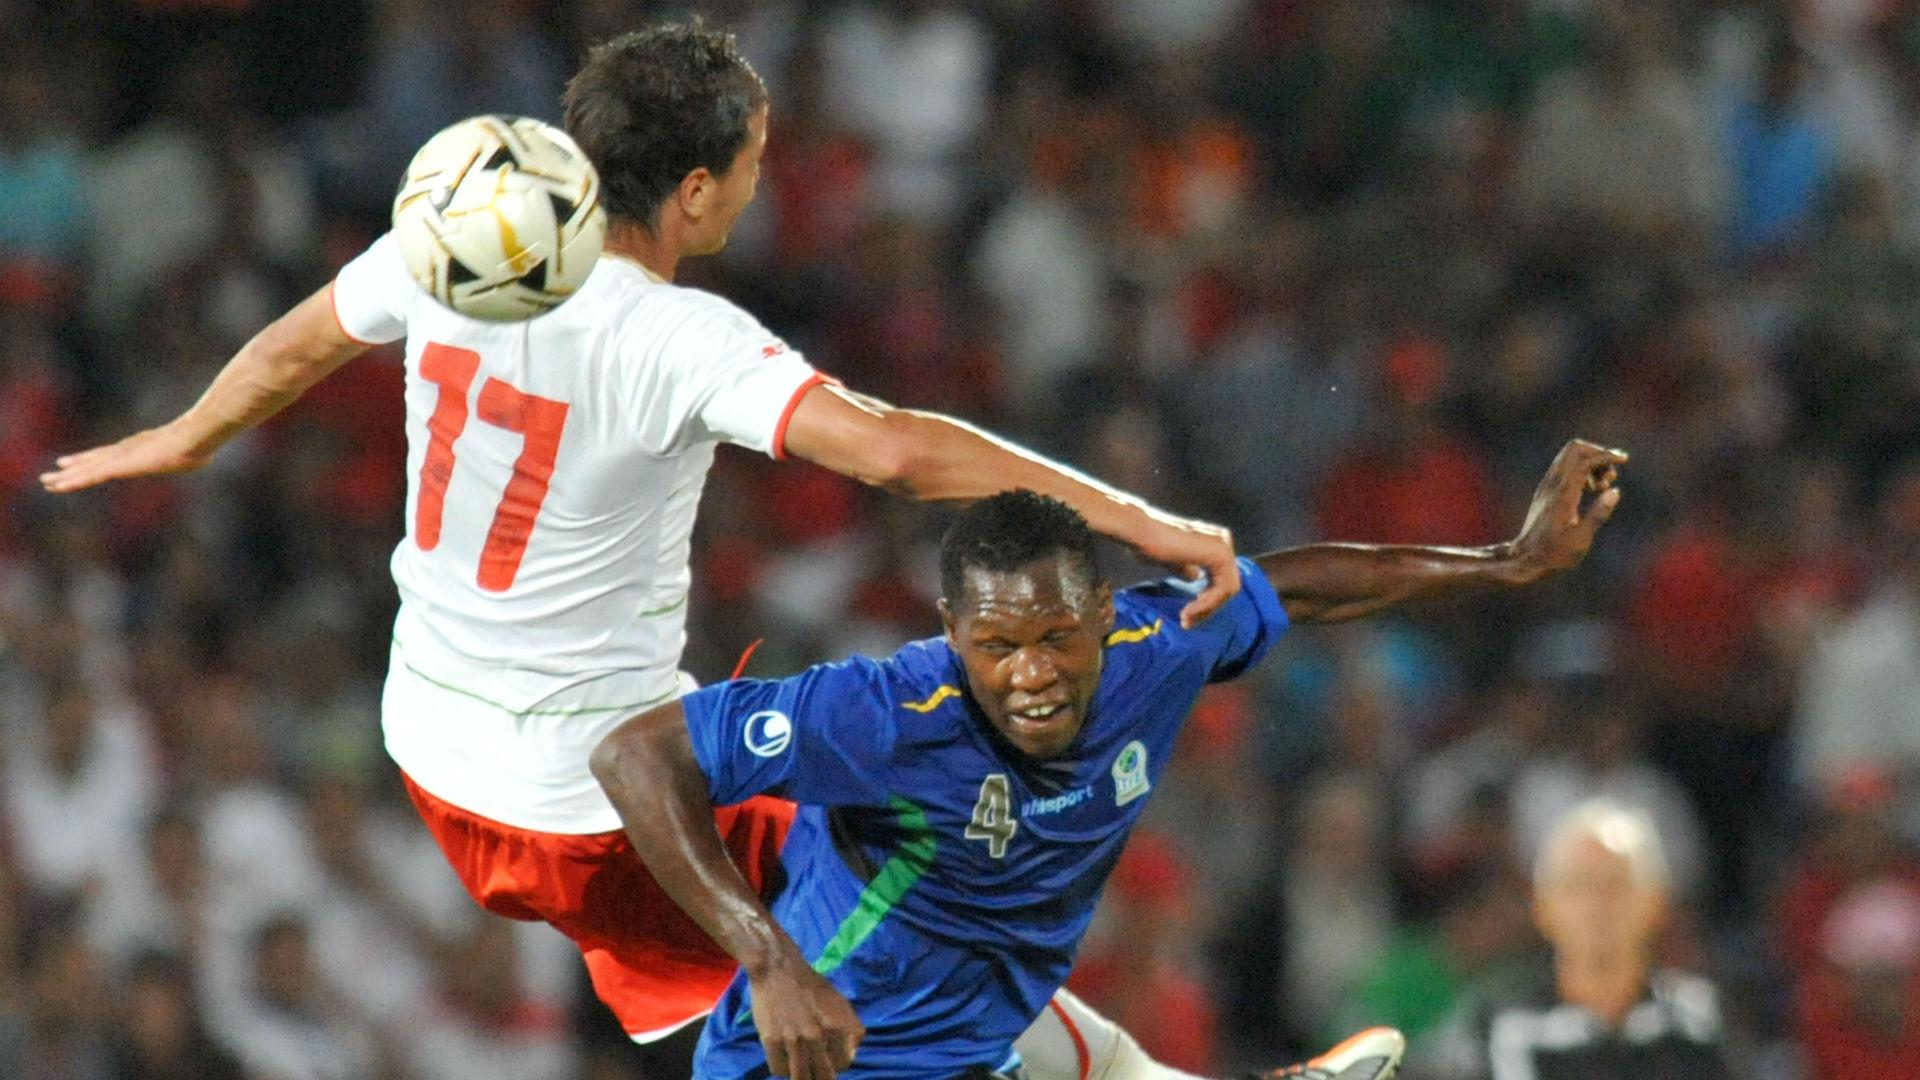 Juma Nyoso Tanzania Morocco 09102011